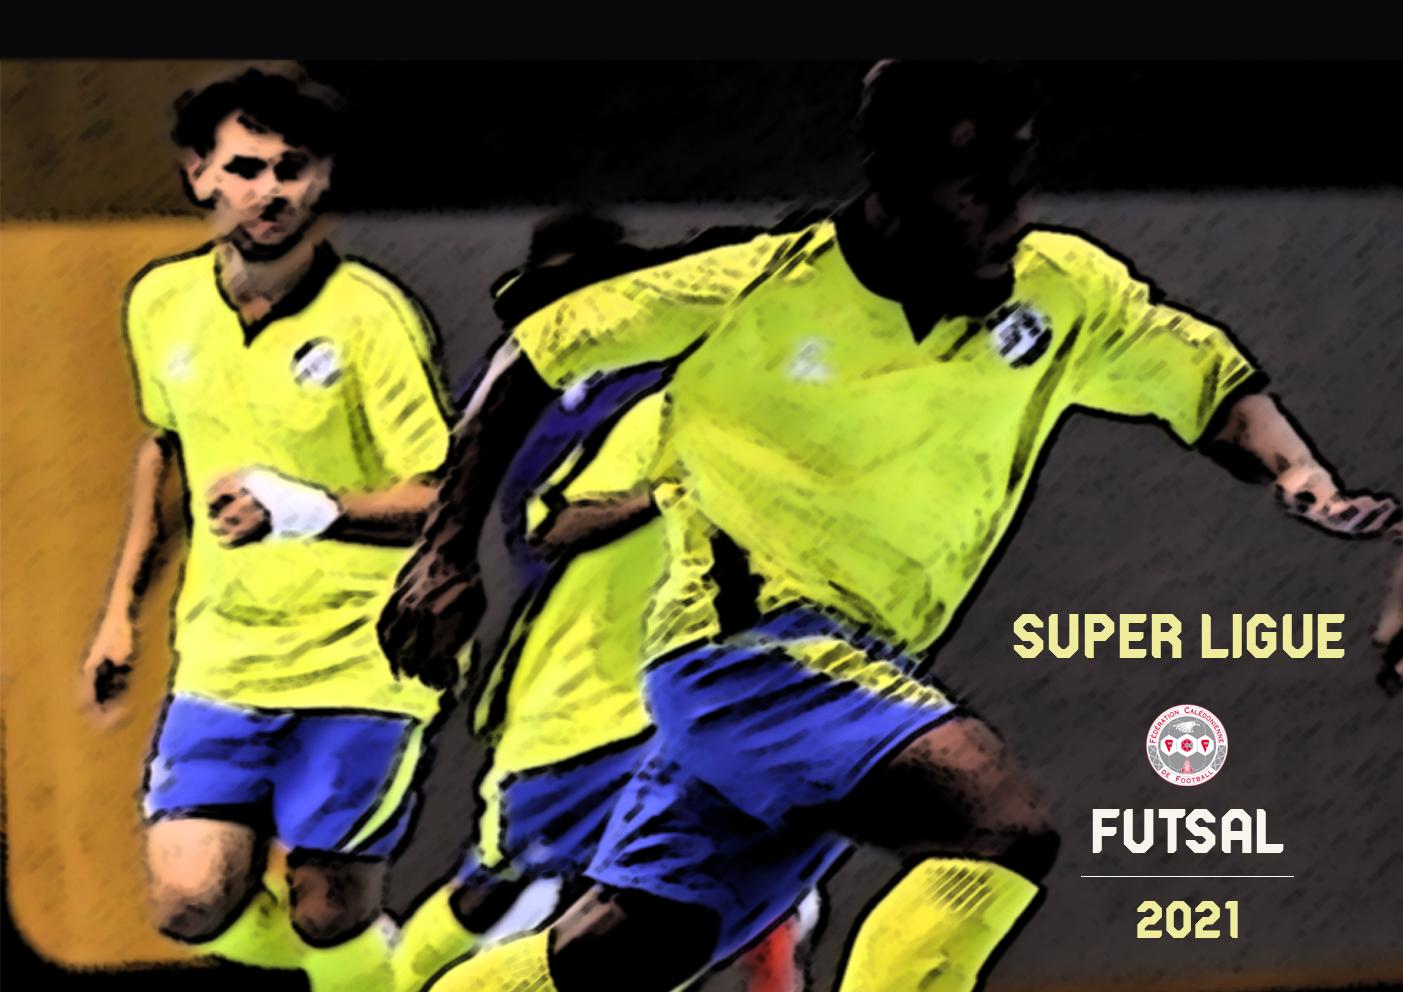 La SUPER LIGUE FUTSAL est d'attaque / Programme Journée 6 + calendrier 2021 (reprise)